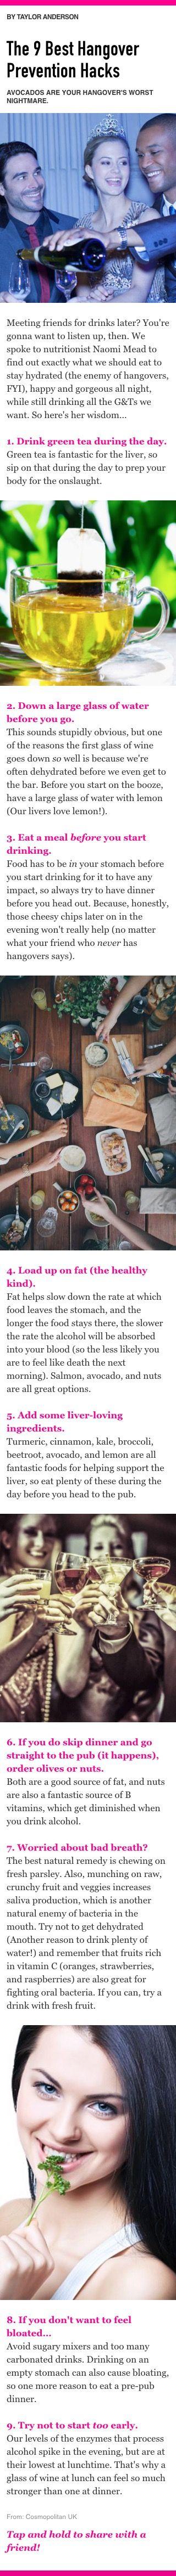 9 best hangover prevention hacks